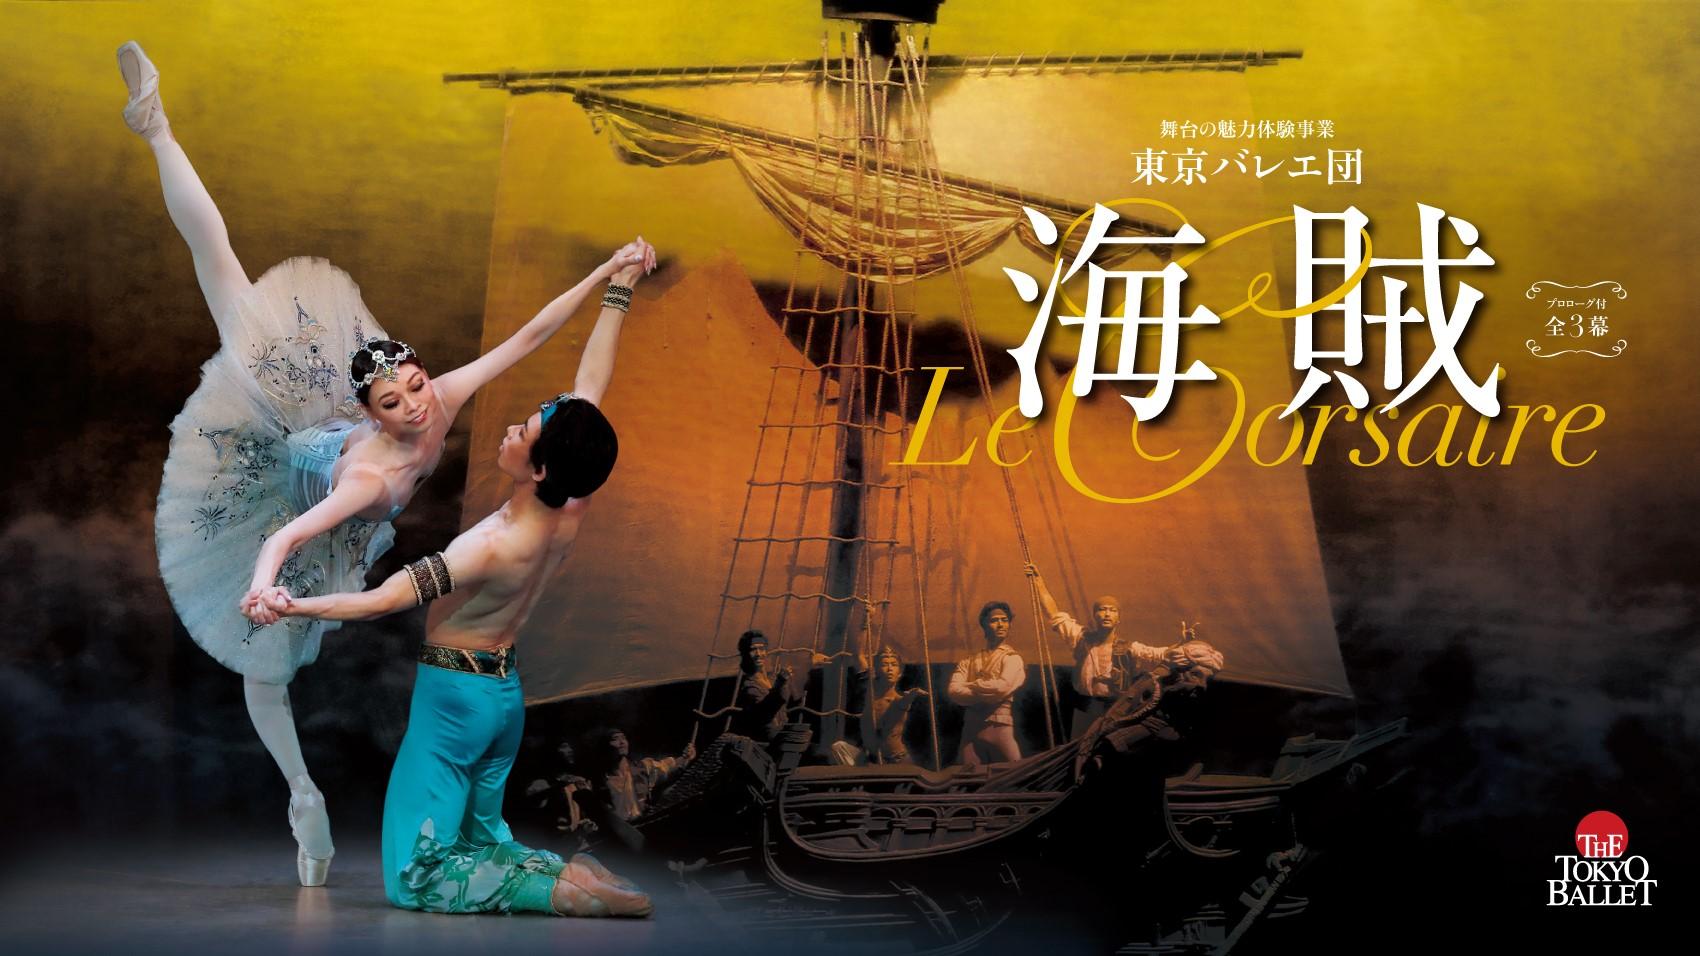 東京バレエ団 舞台の魅力体験事業「海賊」全3幕